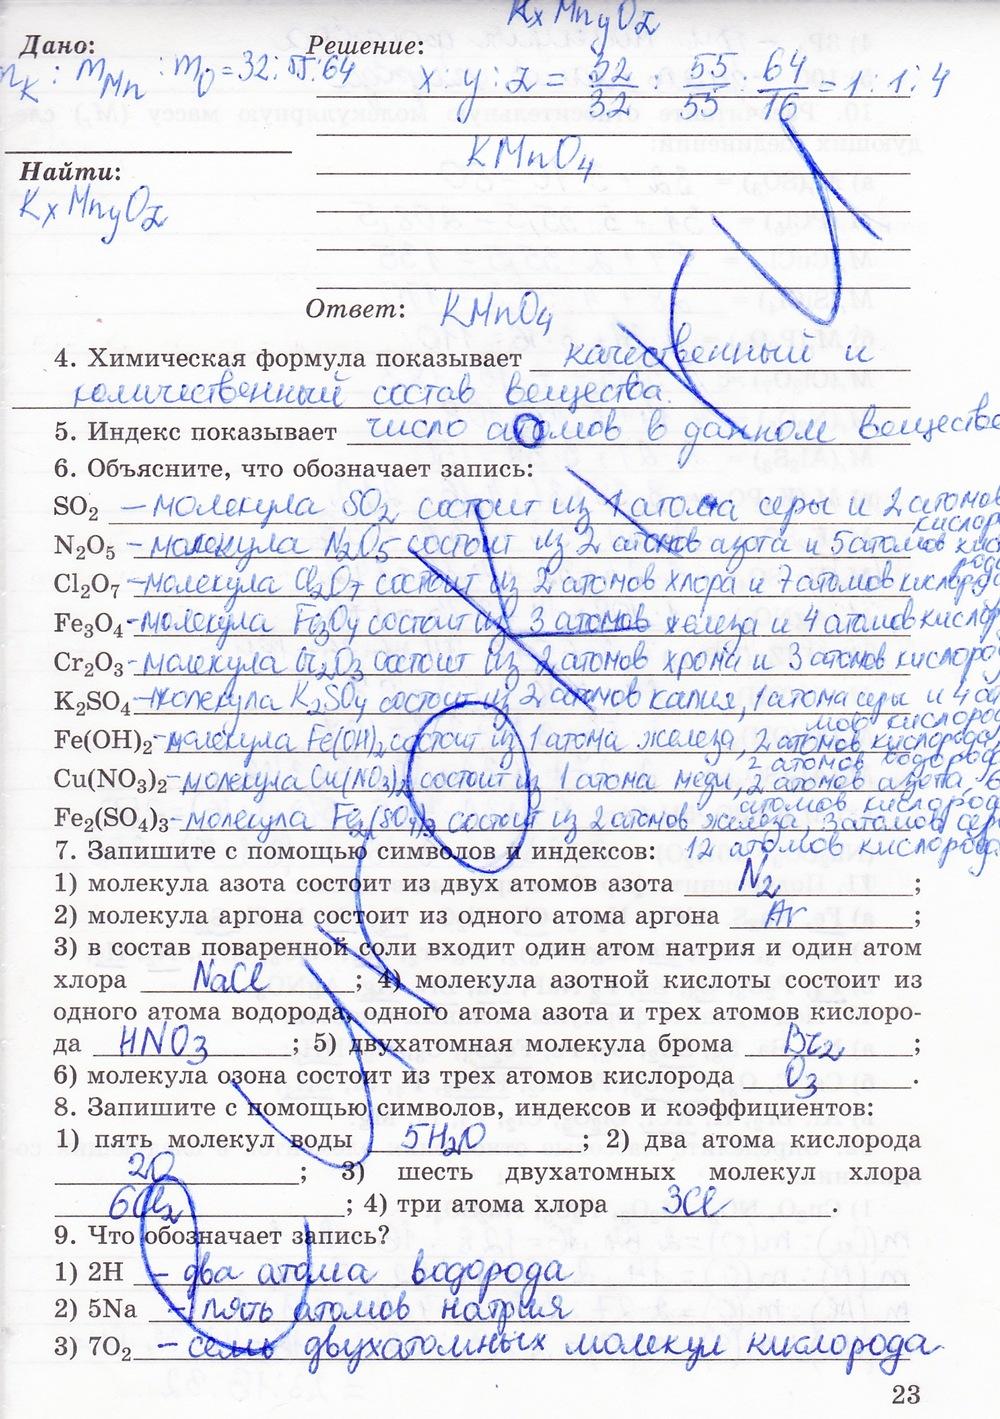 Гдз по неорганической химии 8 класс рудзитис 13-е издание